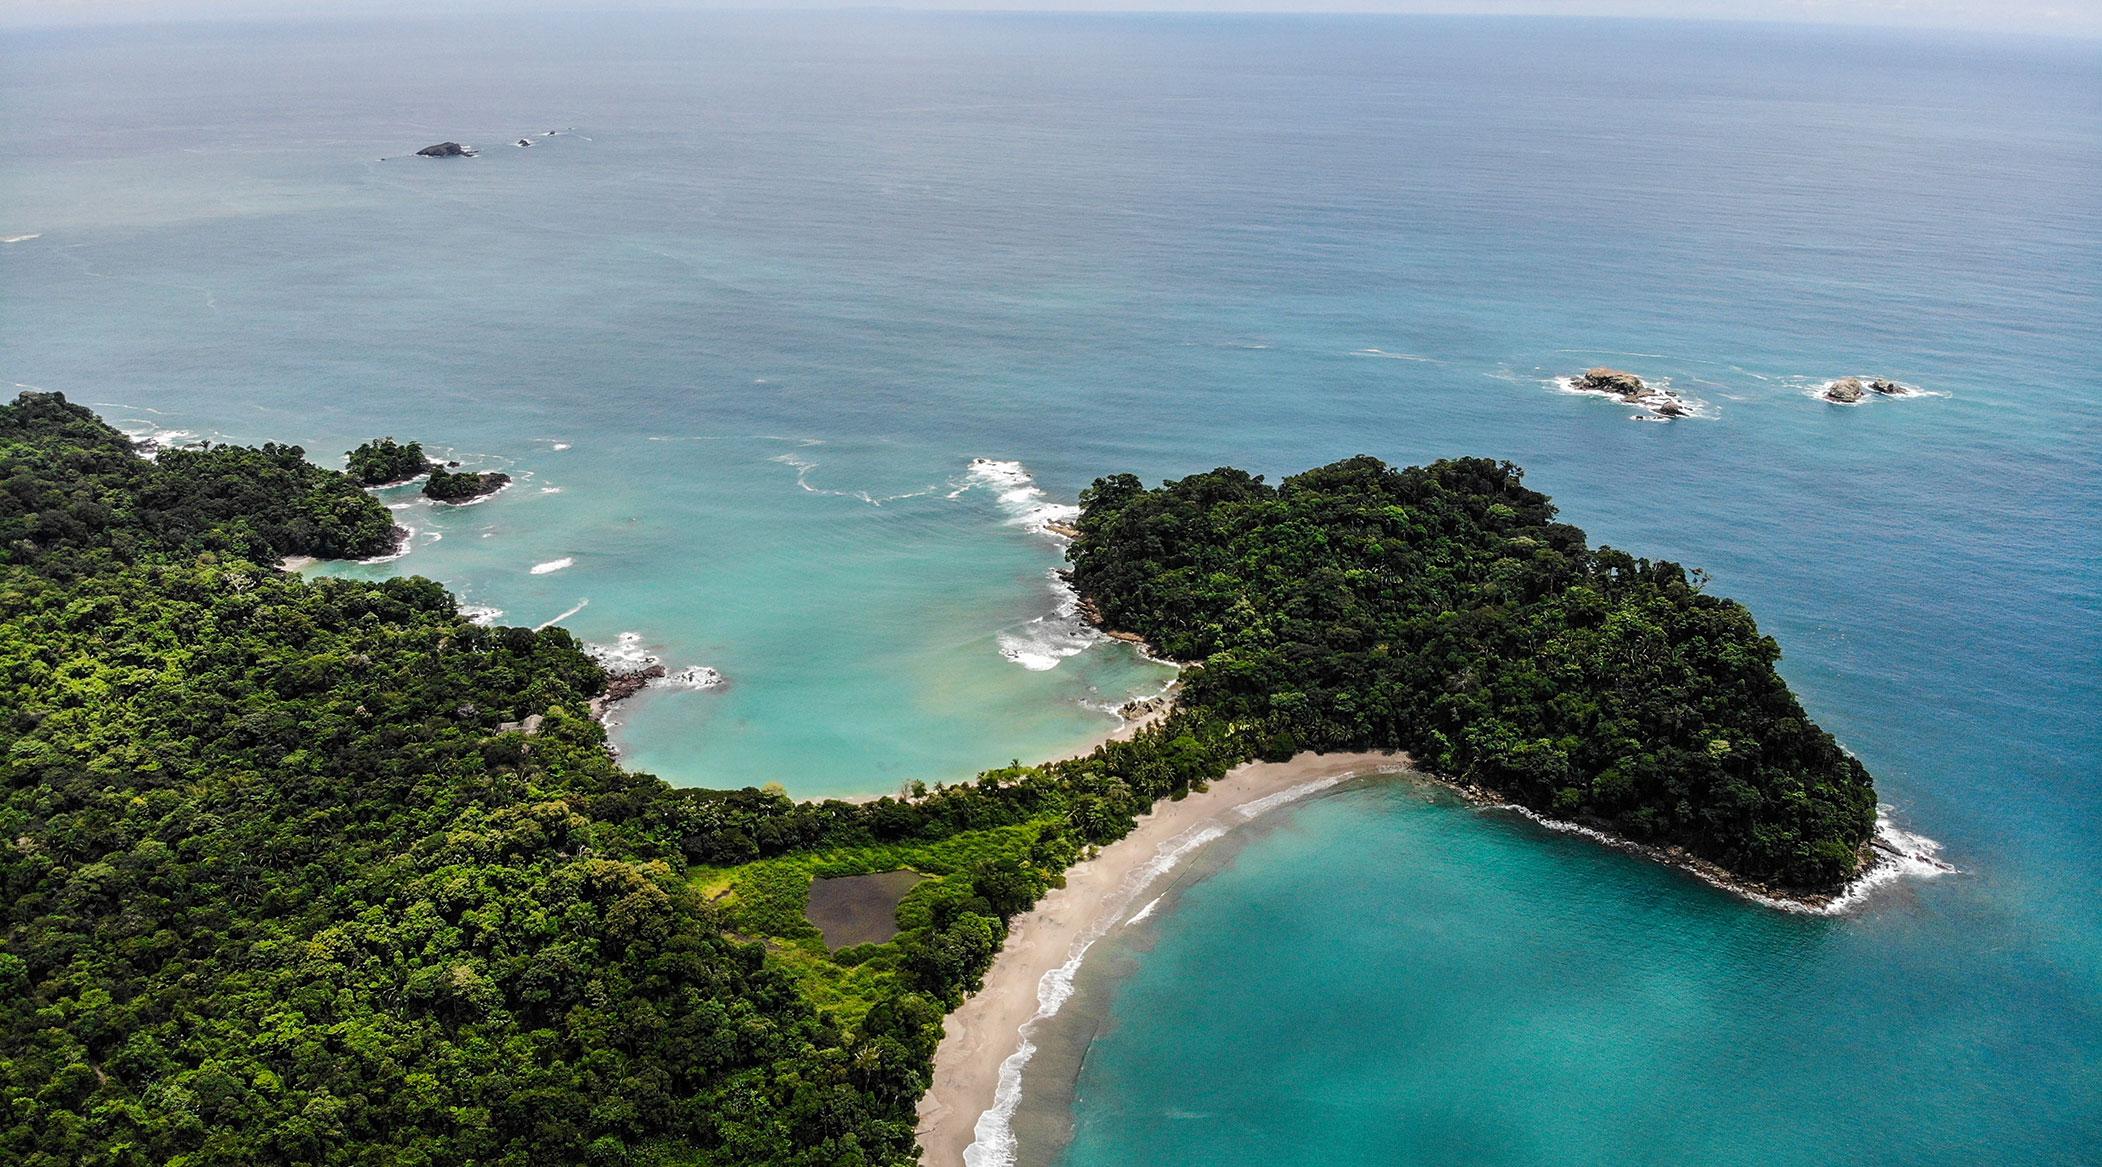 Viajar a Costa Rica: Consejos e información útil